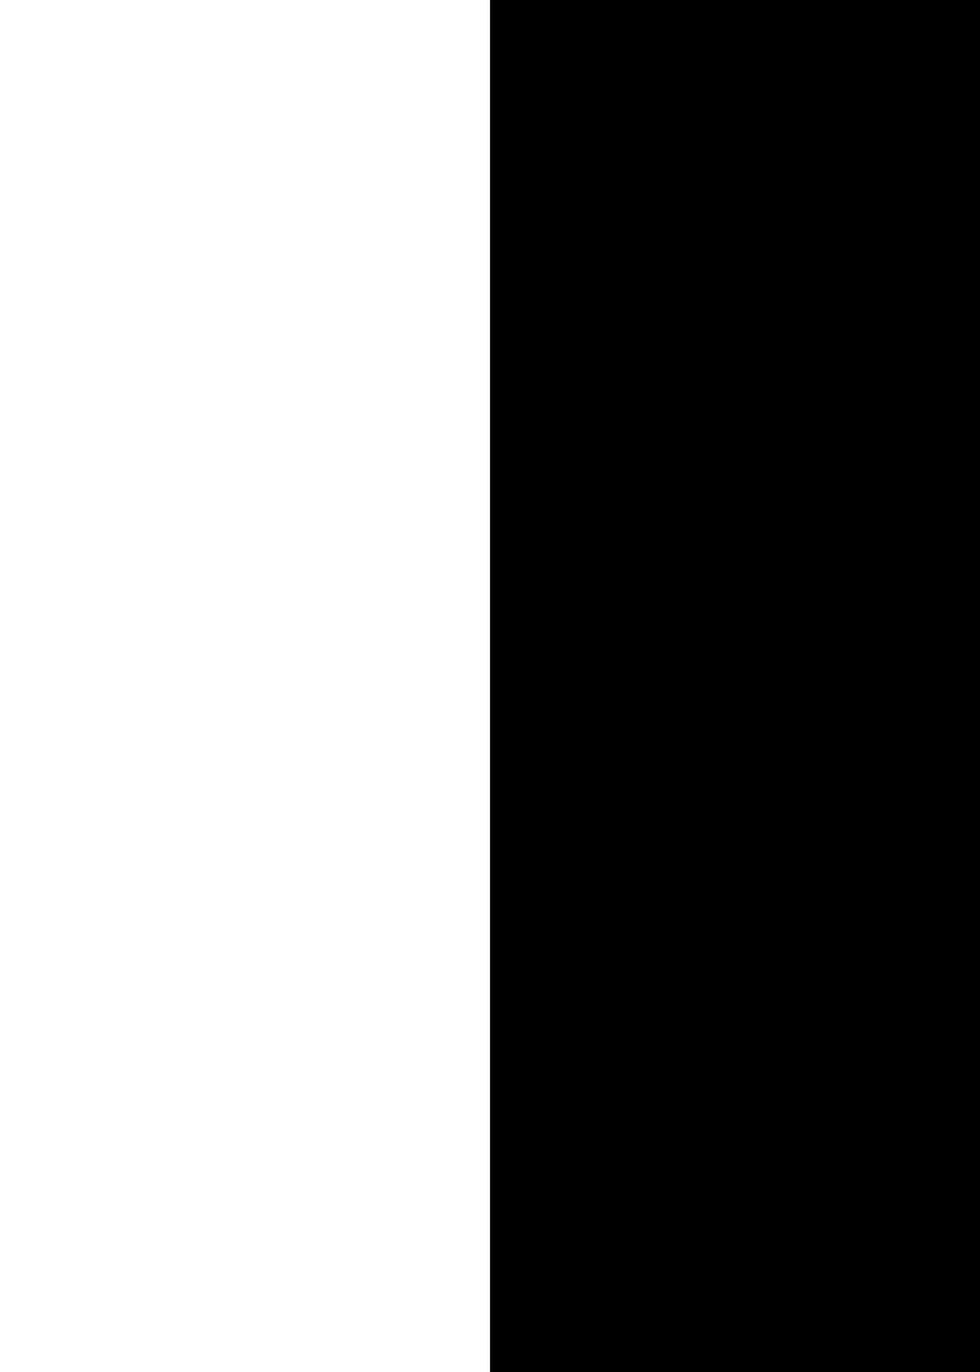 blackwhite background.jpg